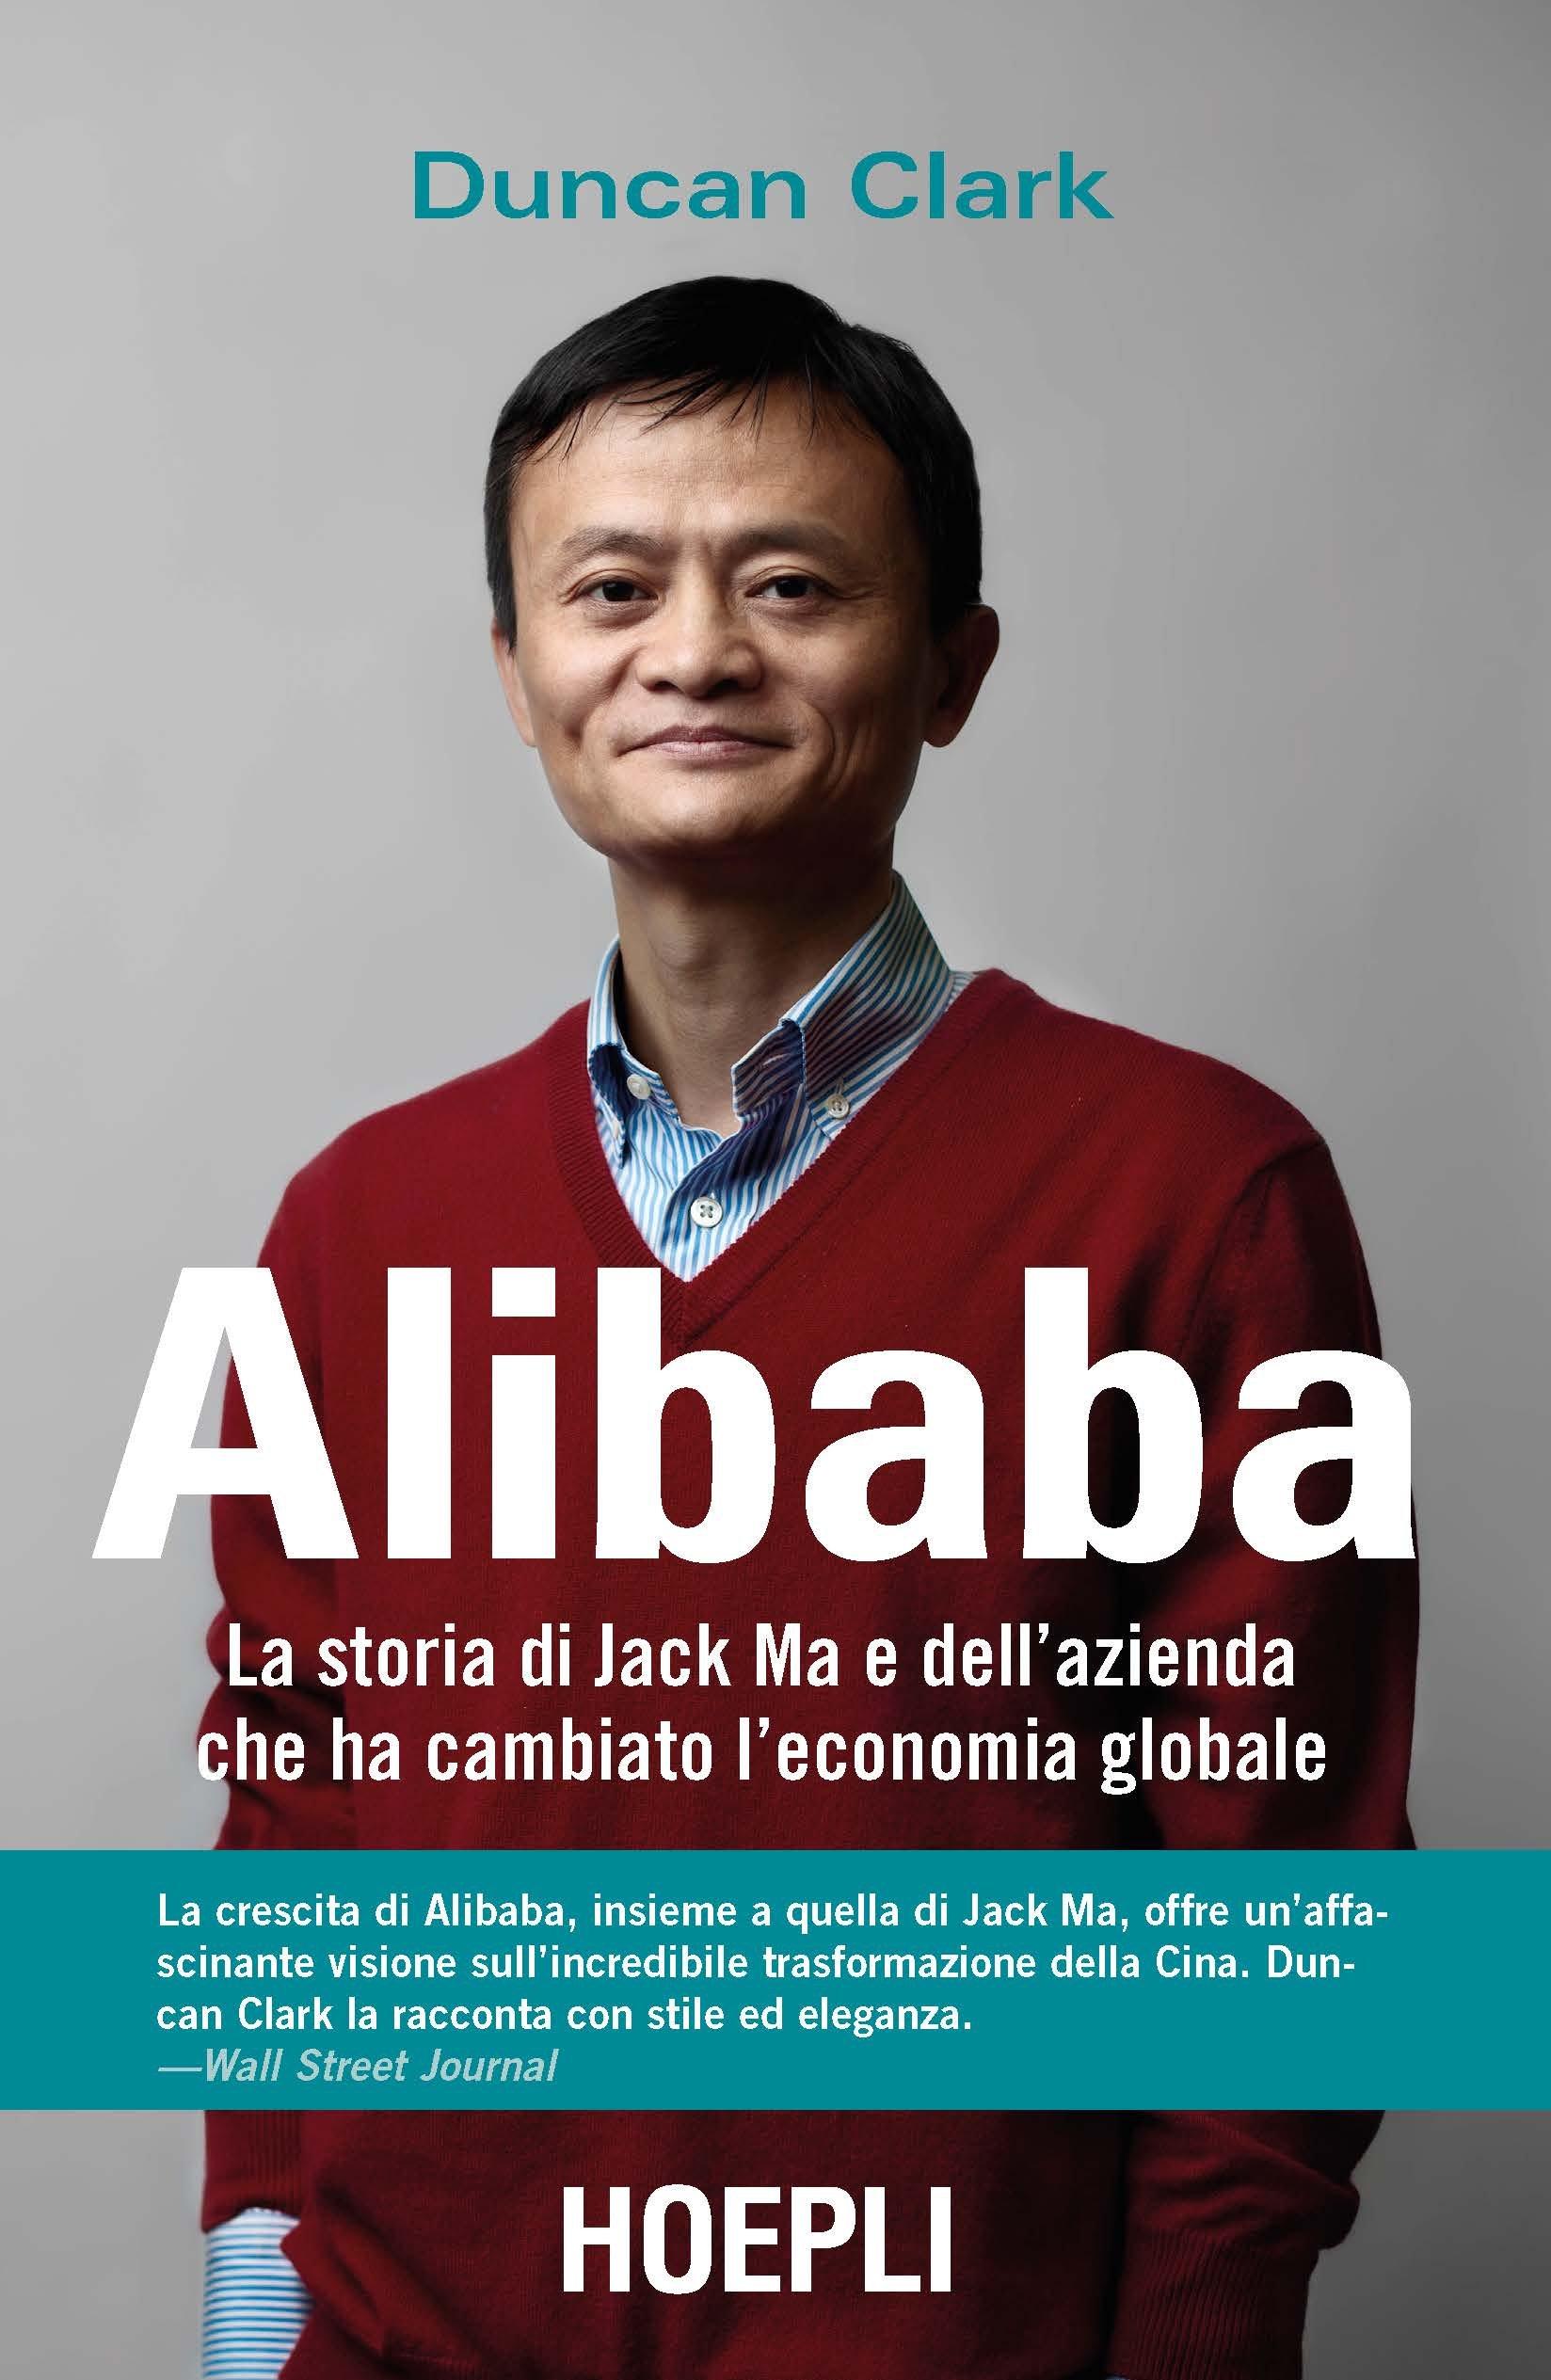 Alibaba. La storia di Jack Ma e dell'azienda che ha cambiato l'economia globale Copertina flessibile – 18 mag 2018 Duncan Clark I. Katerinov Hoepli 882038583X